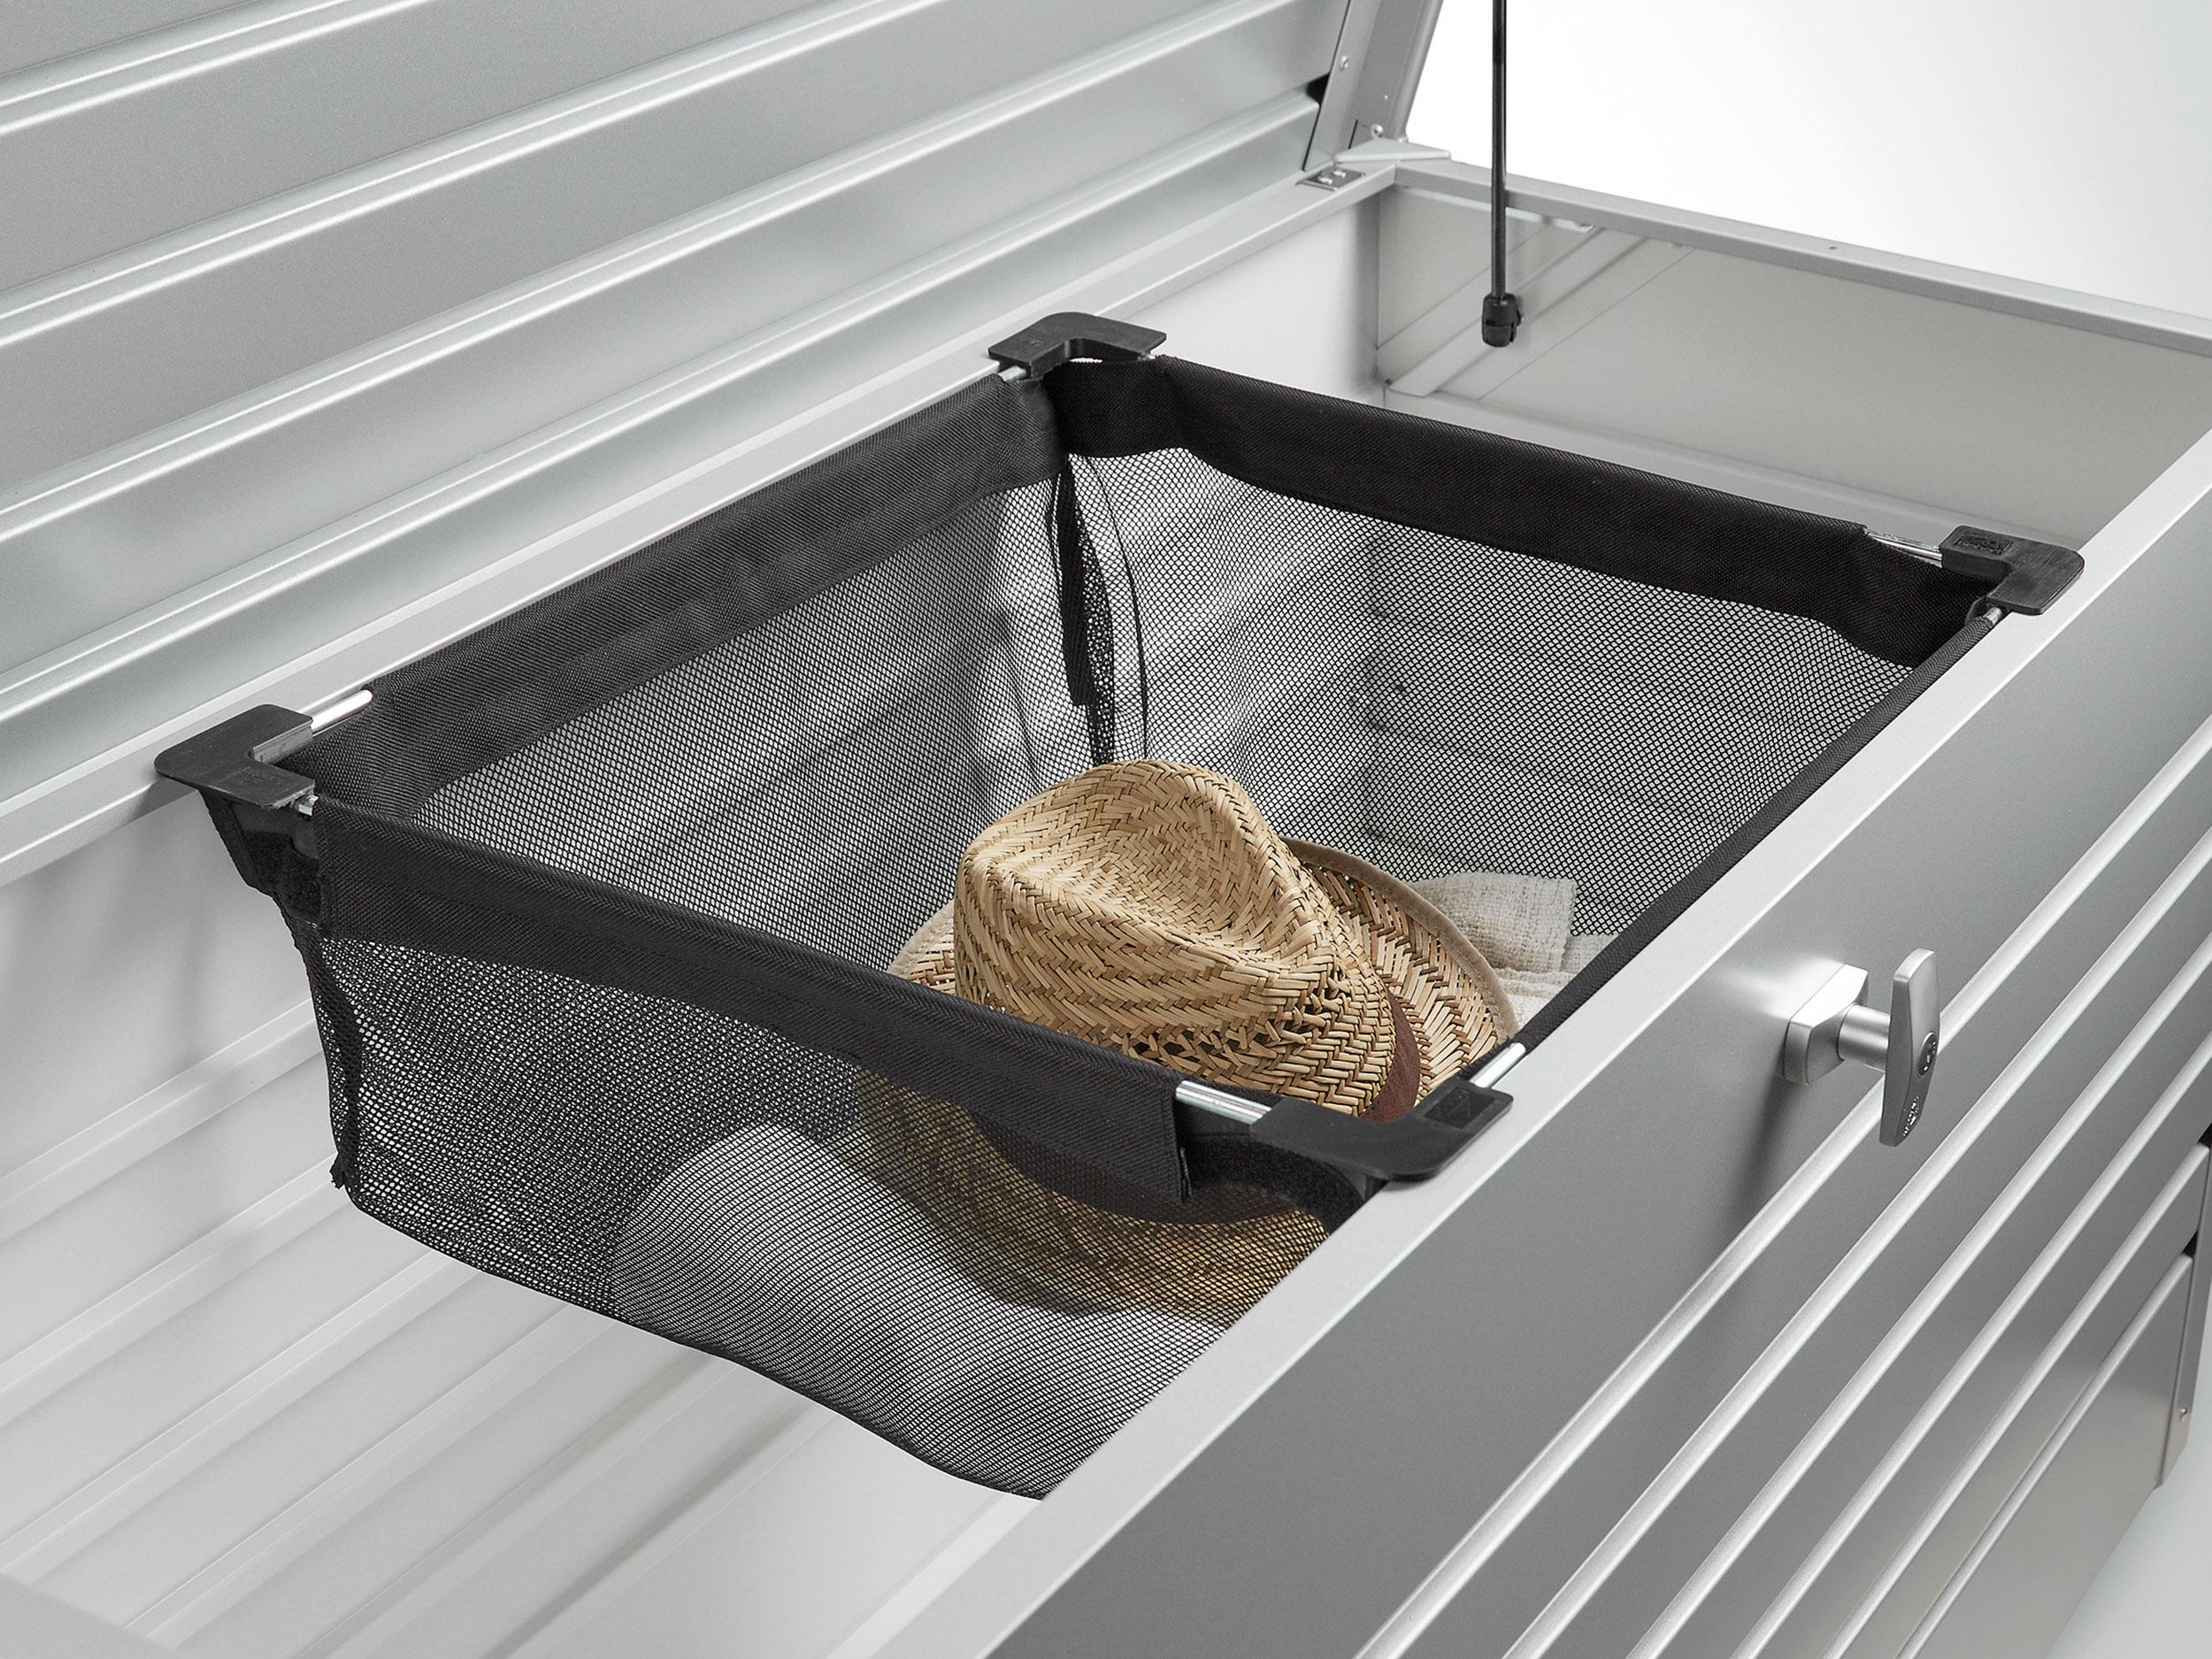 biohort zubeh r einh ngesack f r freizeitbox loungebox gartenm bel l nse. Black Bedroom Furniture Sets. Home Design Ideas